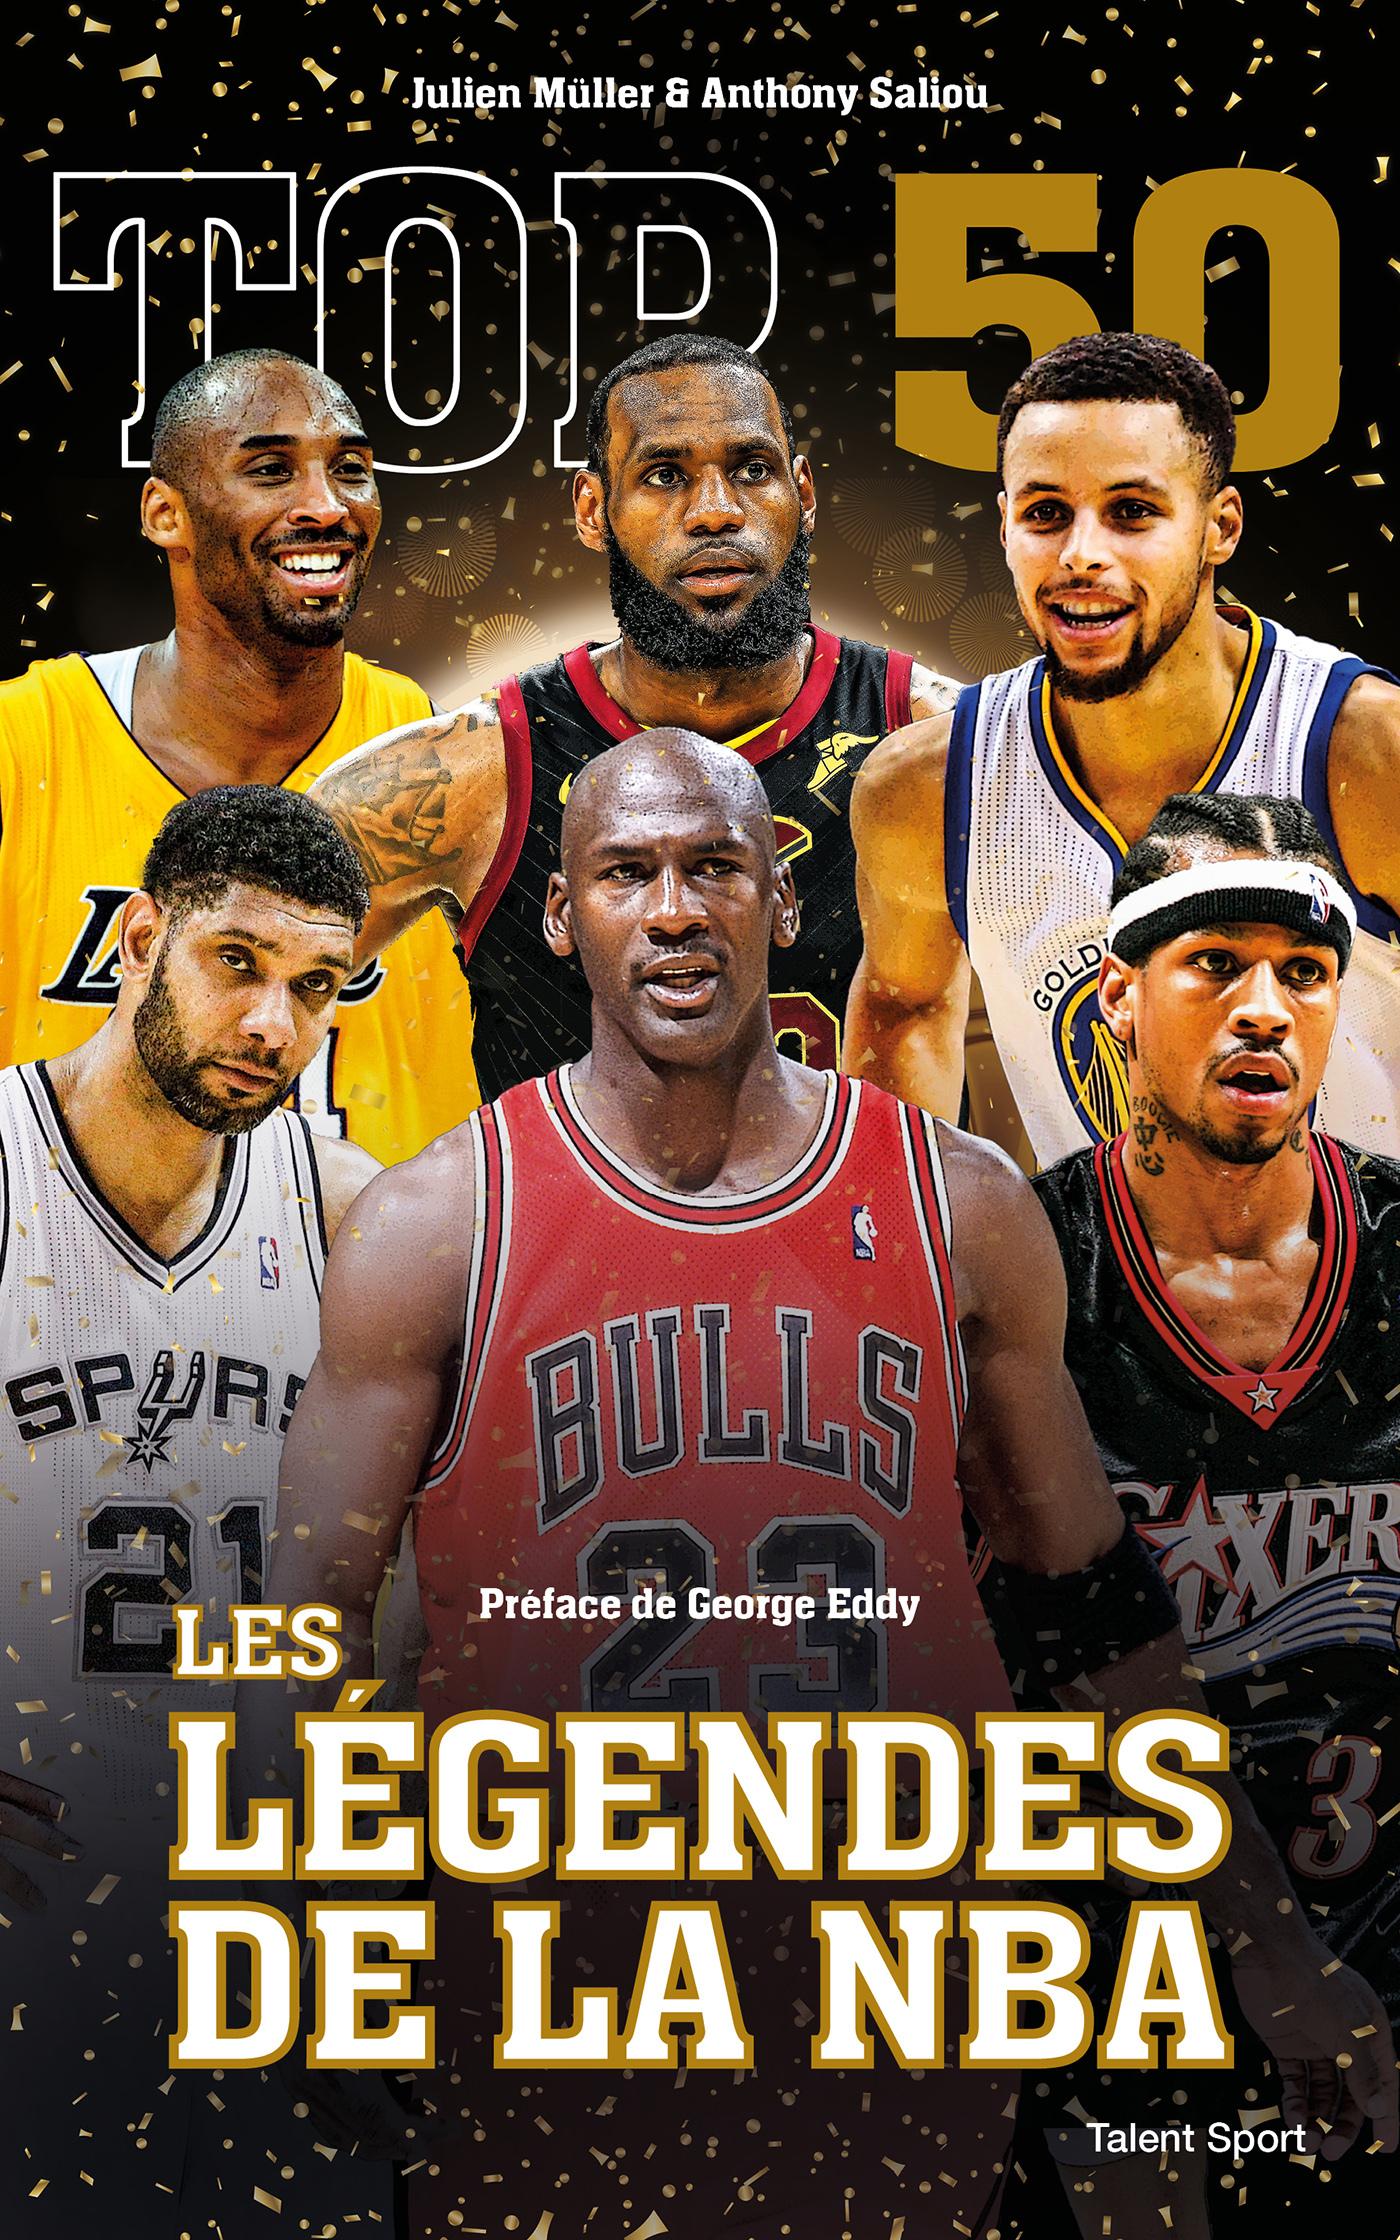 TOP 50 : LES LEGENDES DE LA NBA